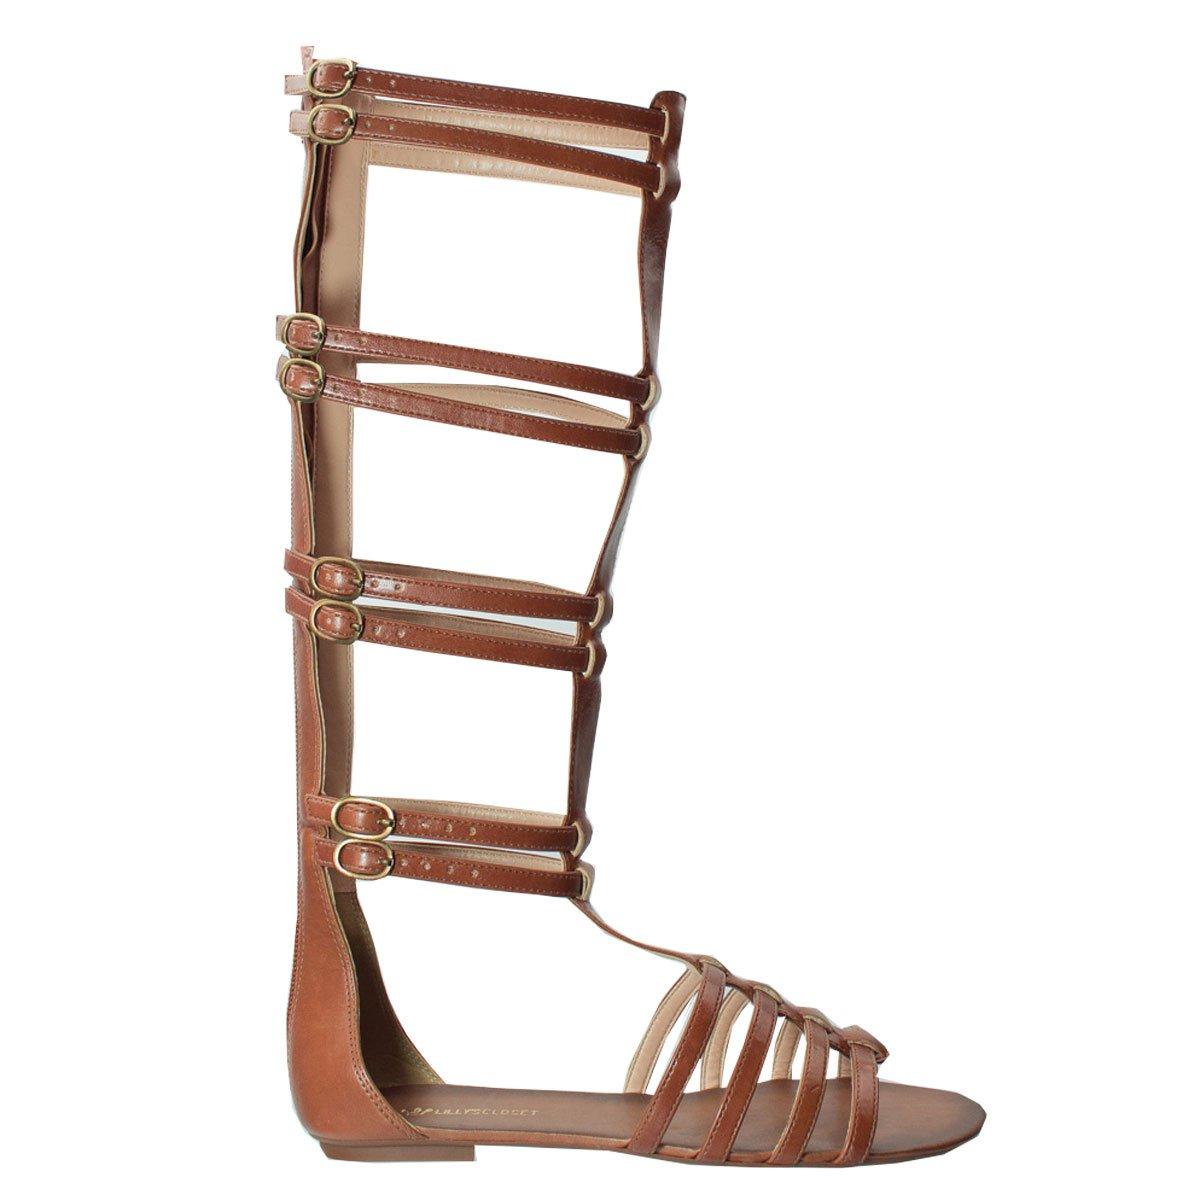 847ac73b9c Bizz Store - Sandália Gladiadora Feminina Lilly s Closet Camel